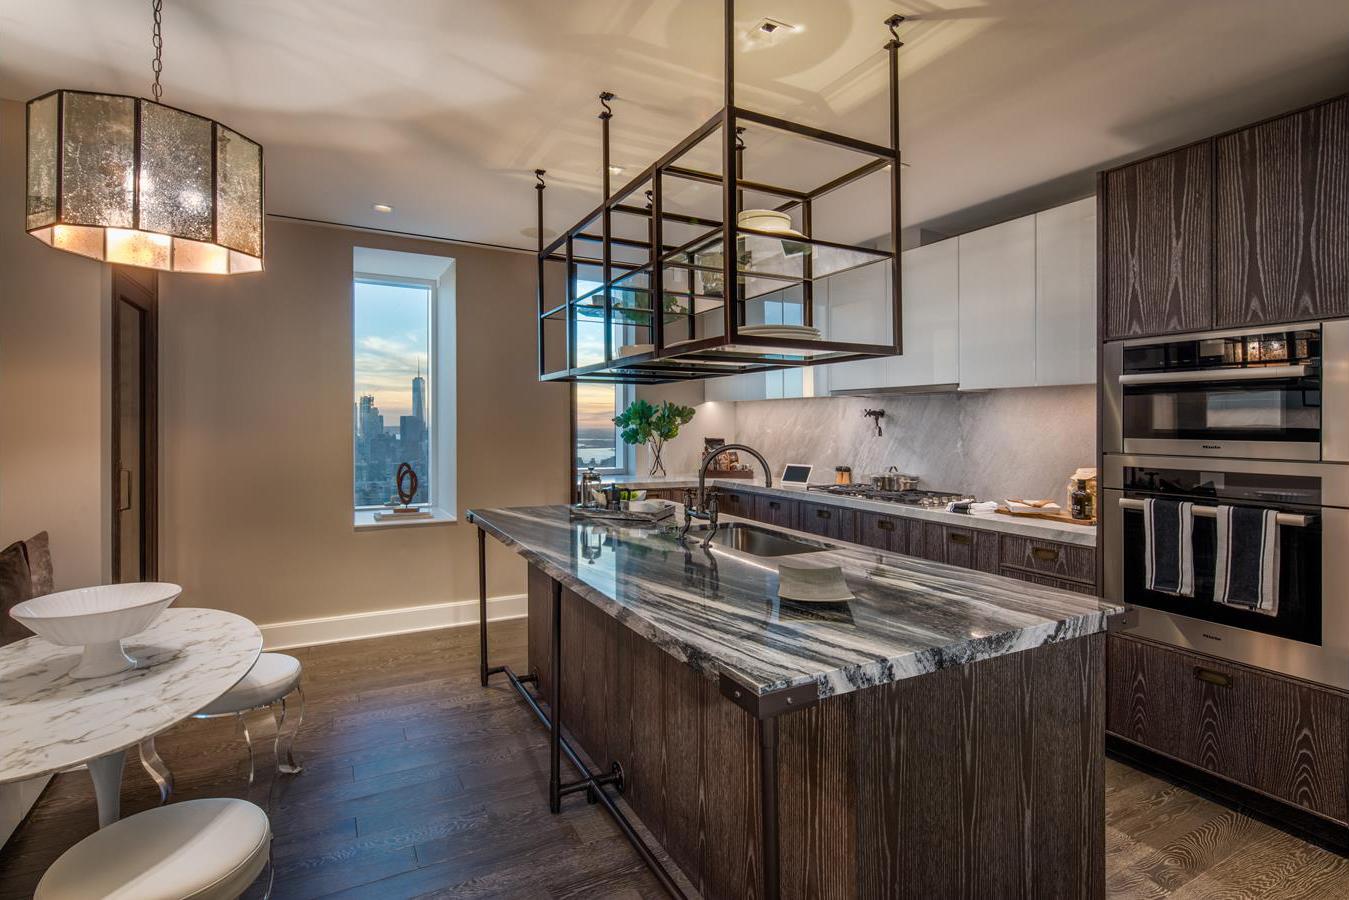 Inside Million Dollar Listing Star Fredrik Eklund S Hottest Manhattan Cottages Gardens